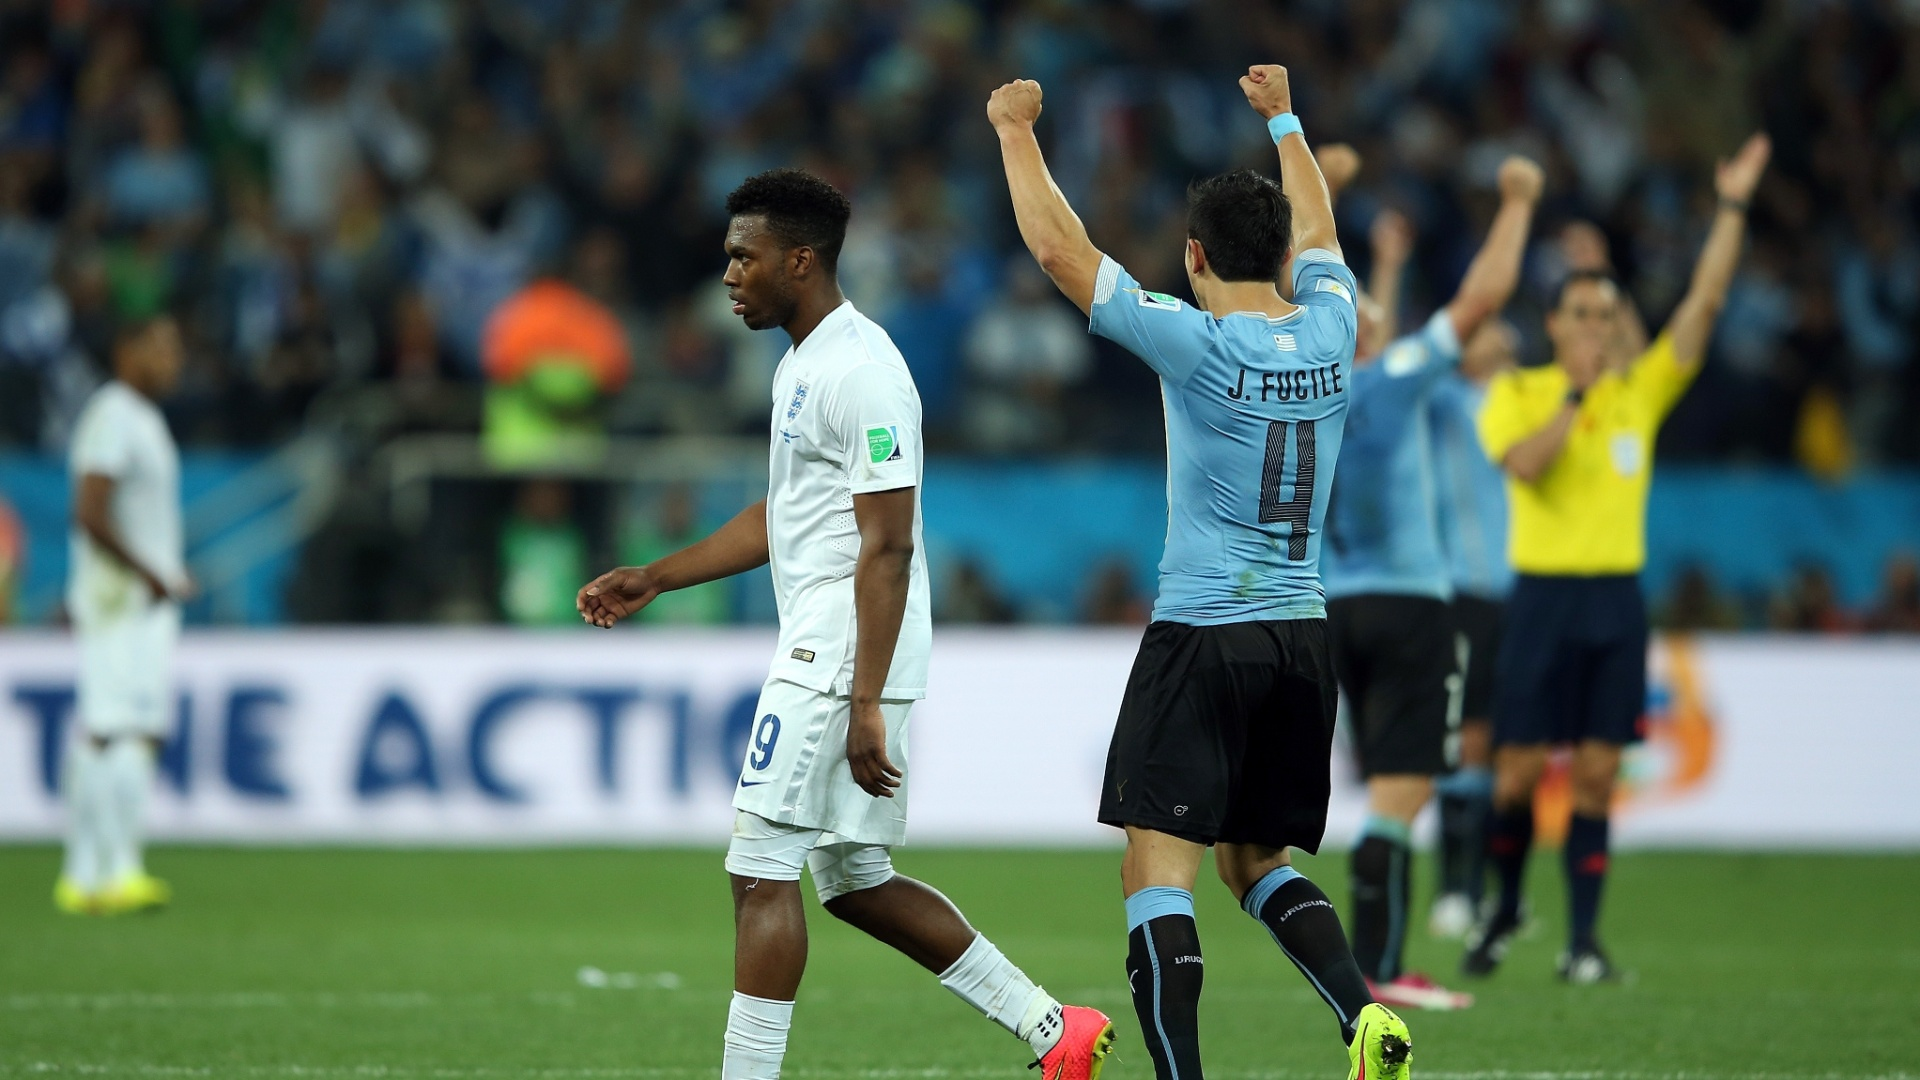 19.jun.2014 - Alegria dos uruguaios contrasta com a tristeza inglesa na vitória dos sul-americanos por 2 a 1 no Itaquerão